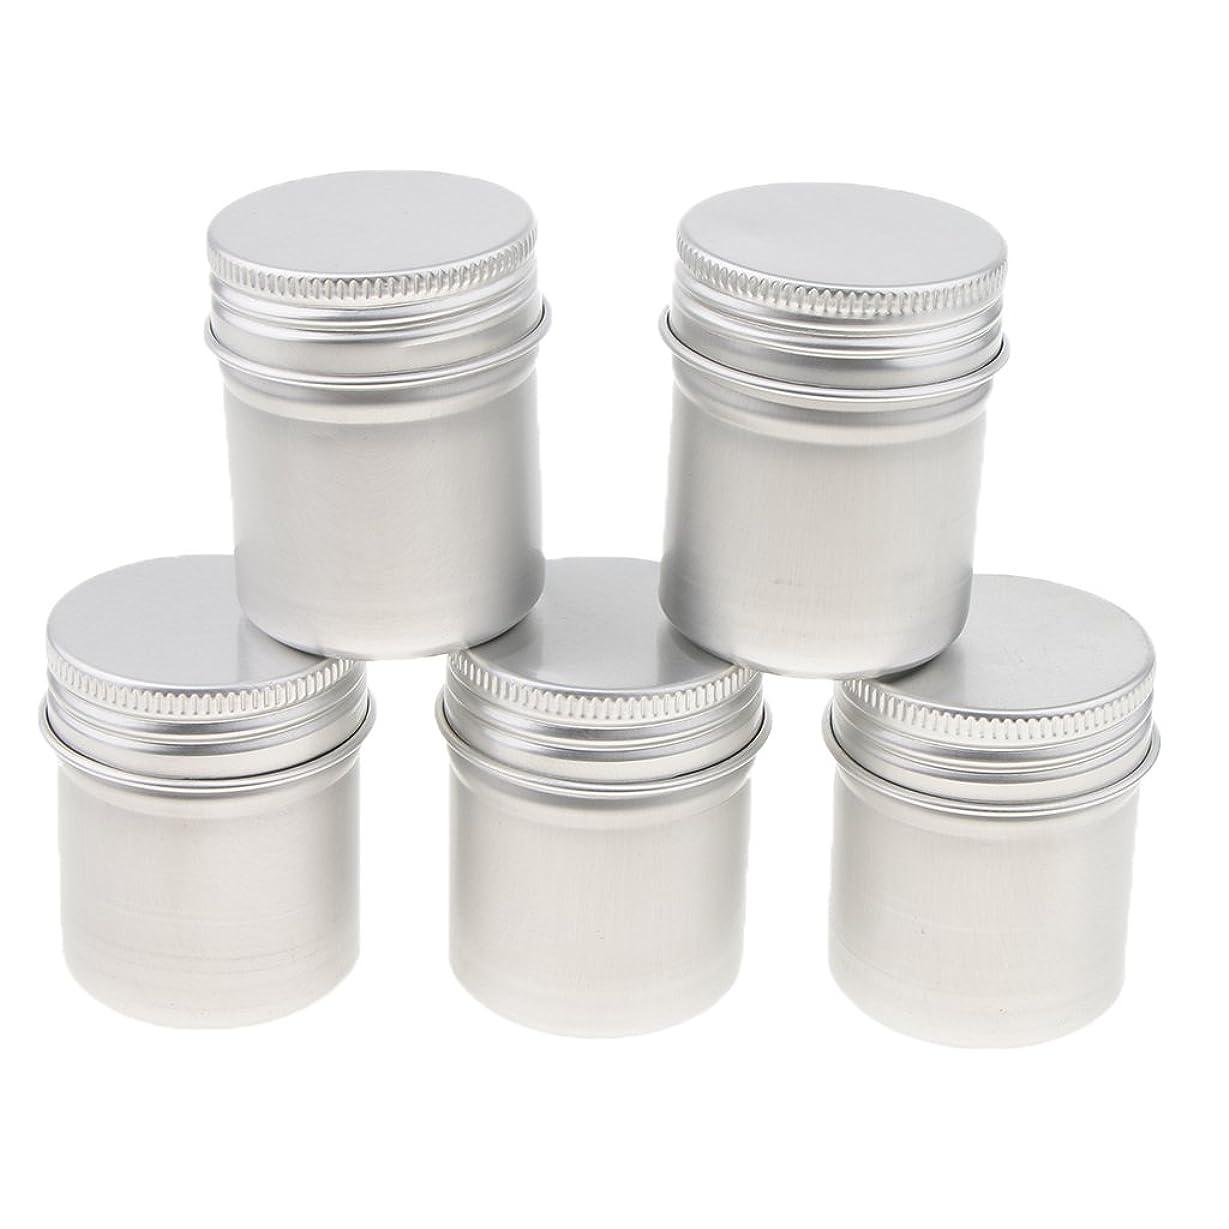 ホールドオール悲しむおとうさんPerfeclan 5個 アルミ缶 アルミニウム 缶 ポット スクリュー蓋 クリーム お茶 パウダー ワックスジャー 容器